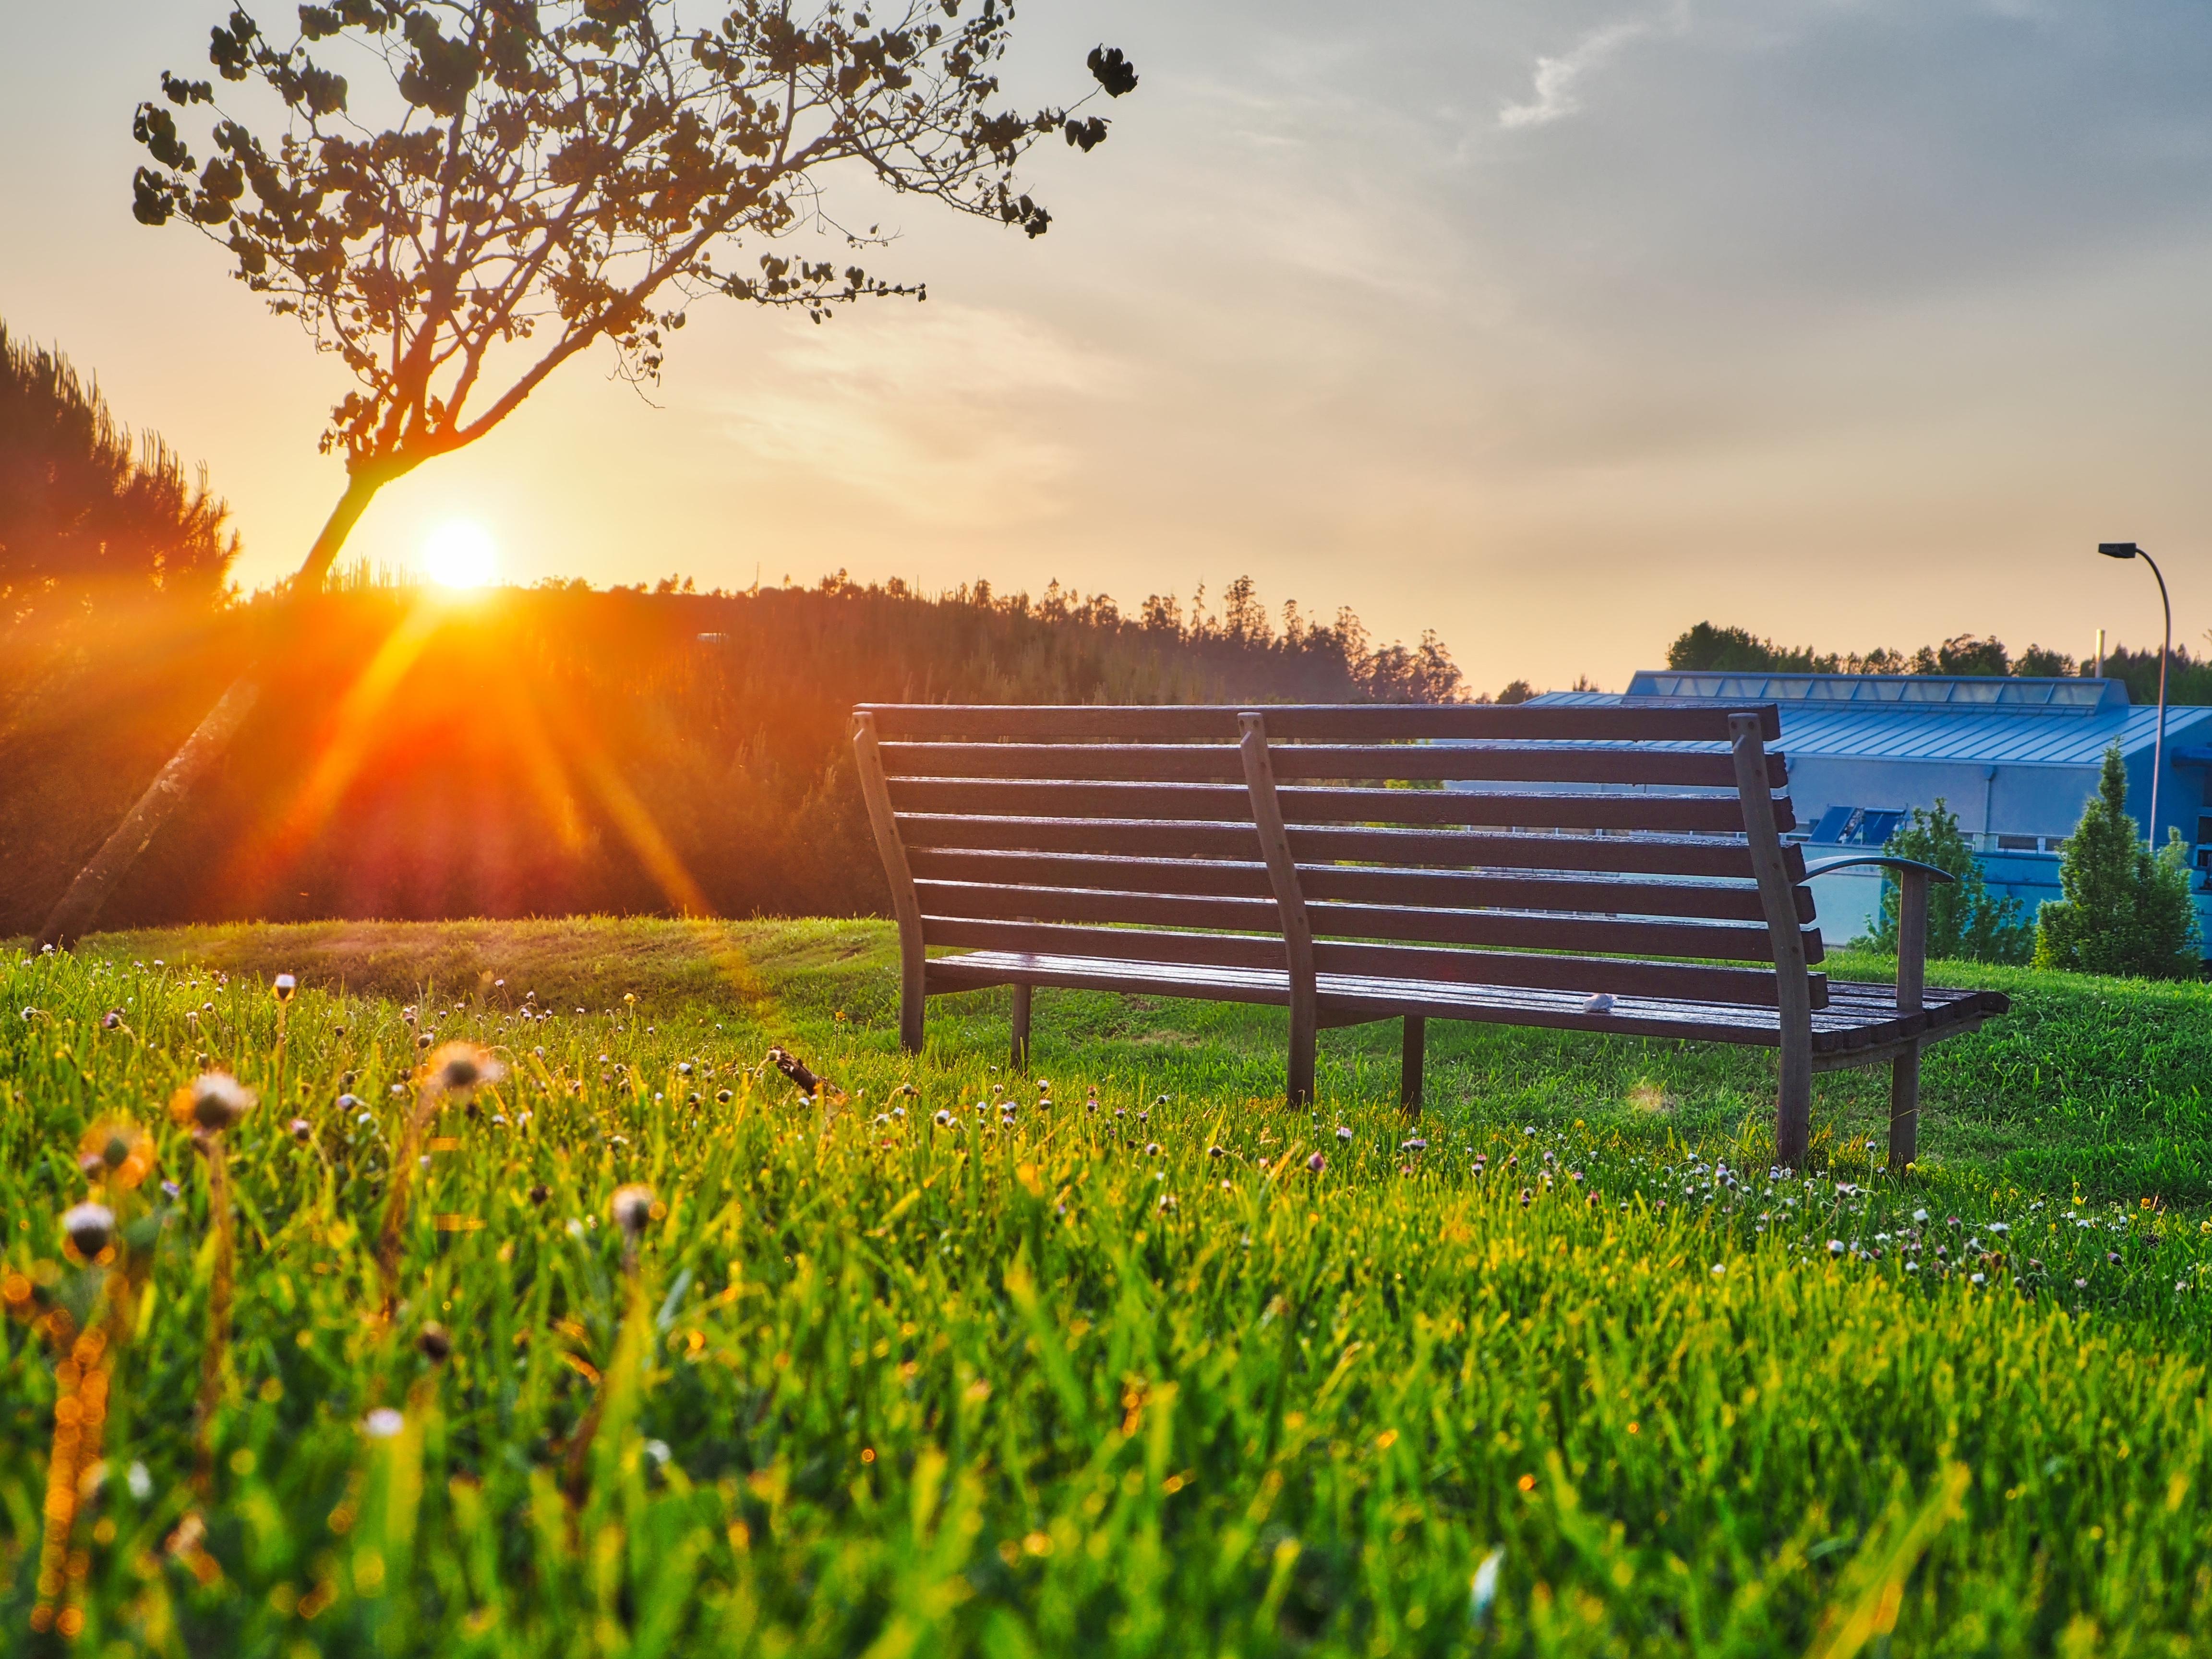 Wallpaper Bench Park Sunlight Summer 4608x3456 Goodfon